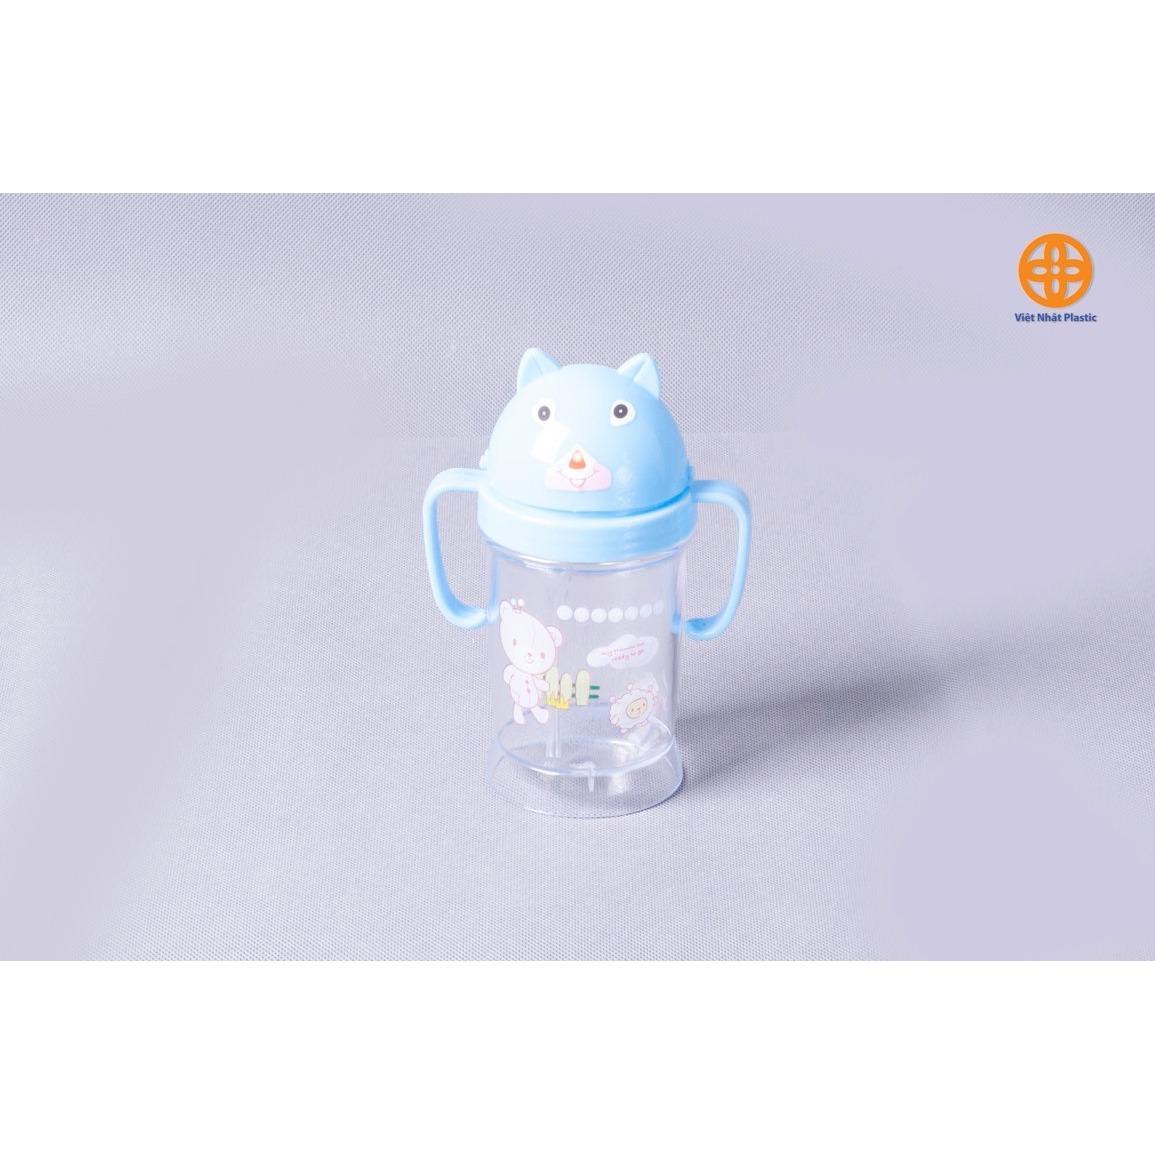 Bình hút nước mèo Việt Nhật